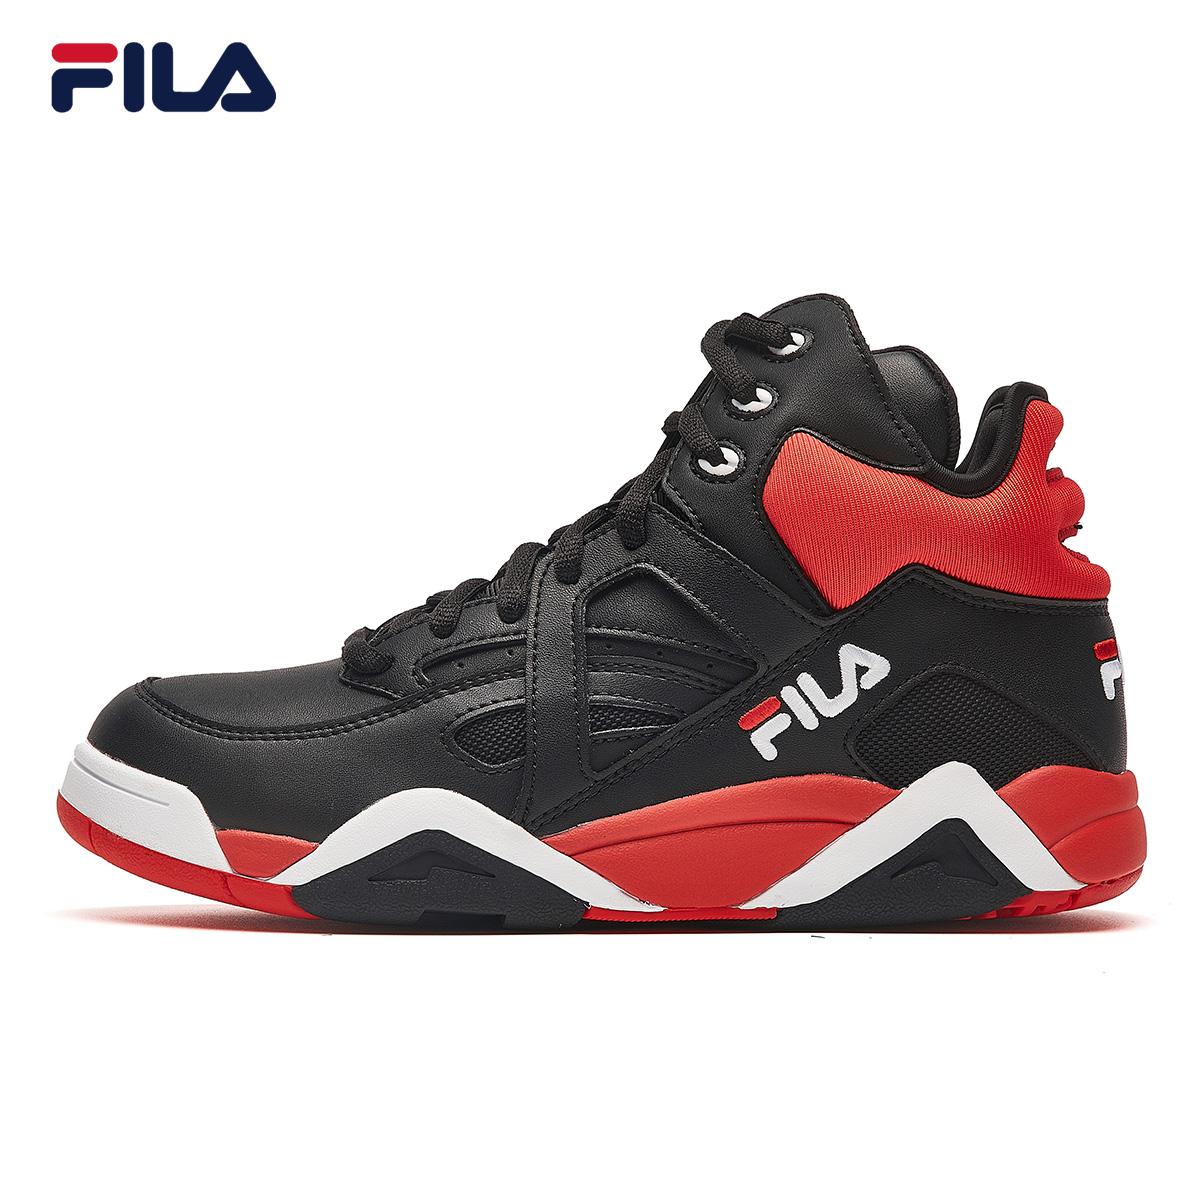 FILA斐乐篮球鞋女2018冬季新款潮流时尚运动休闲鞋女鞋